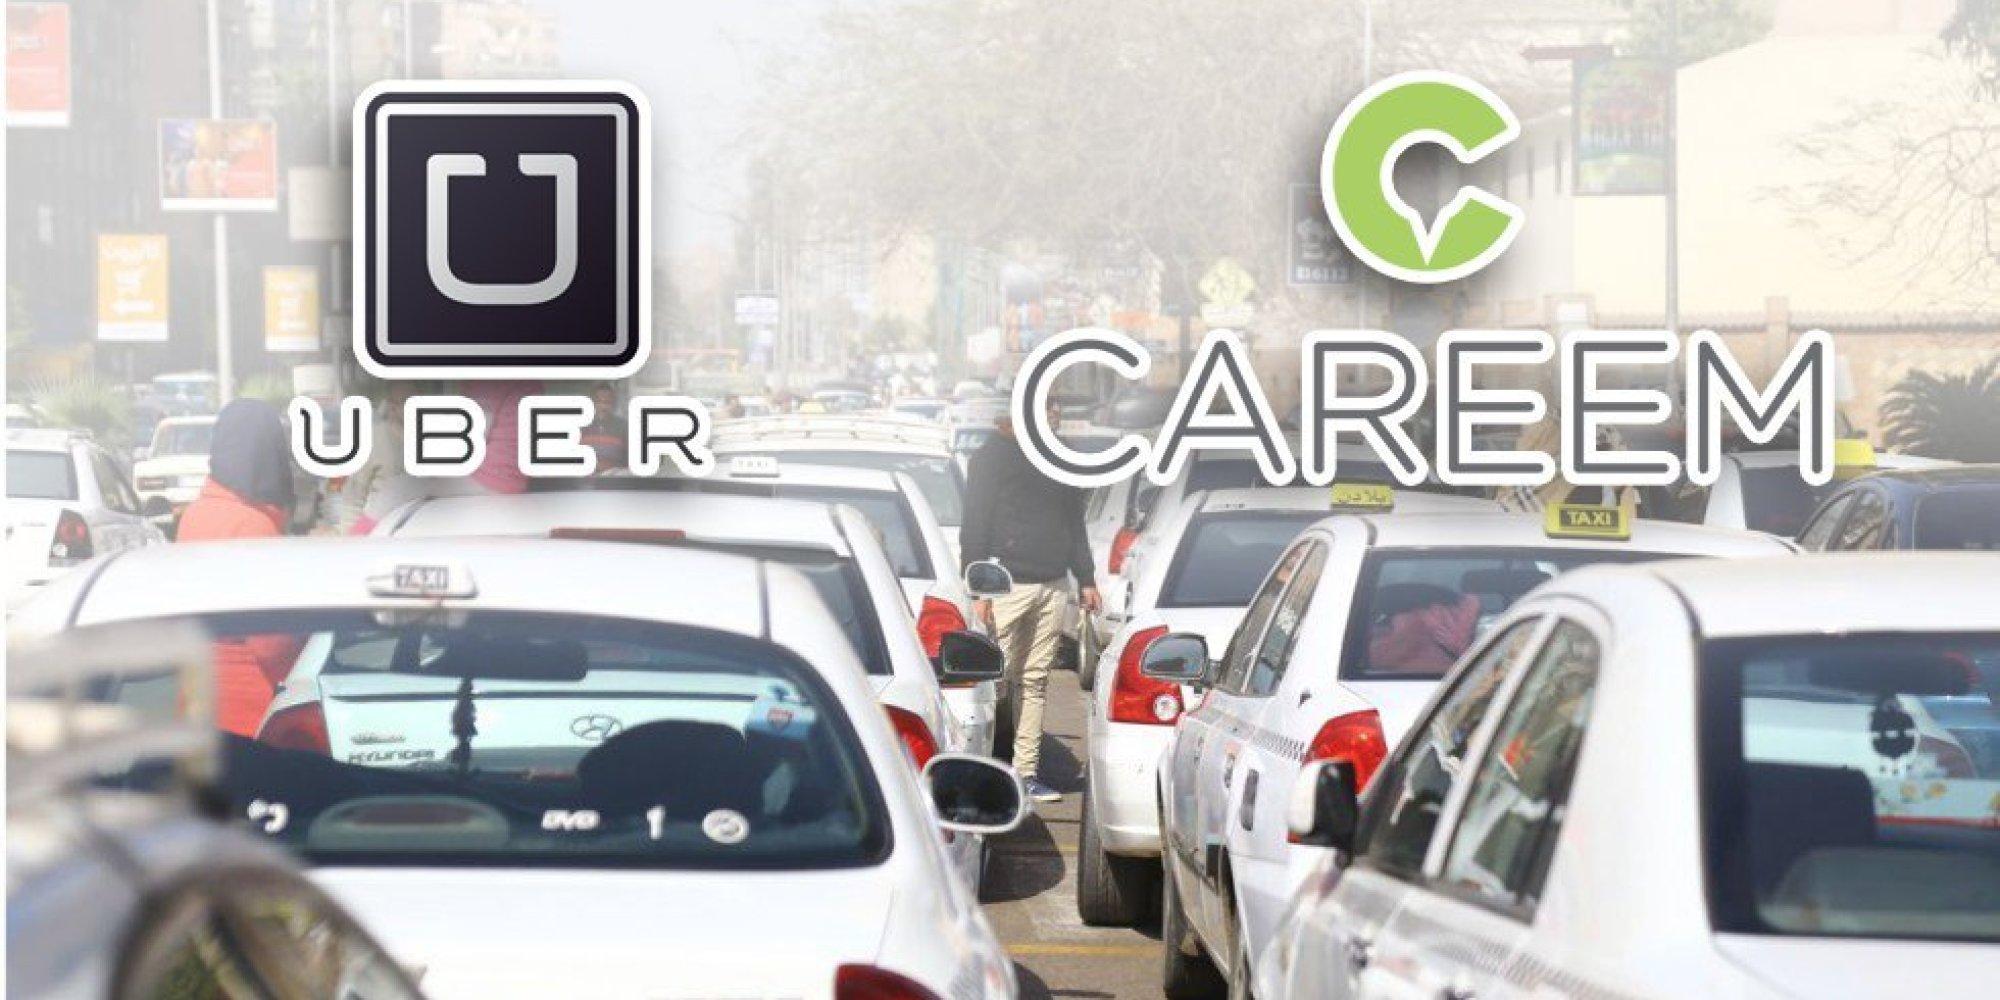 """""""اوبر وكريم"""" تضاعف الاجرة على المواطنين بـ""""النقاط الحمراء"""" و النقل والاتصالات تتهربان من المسؤولية"""